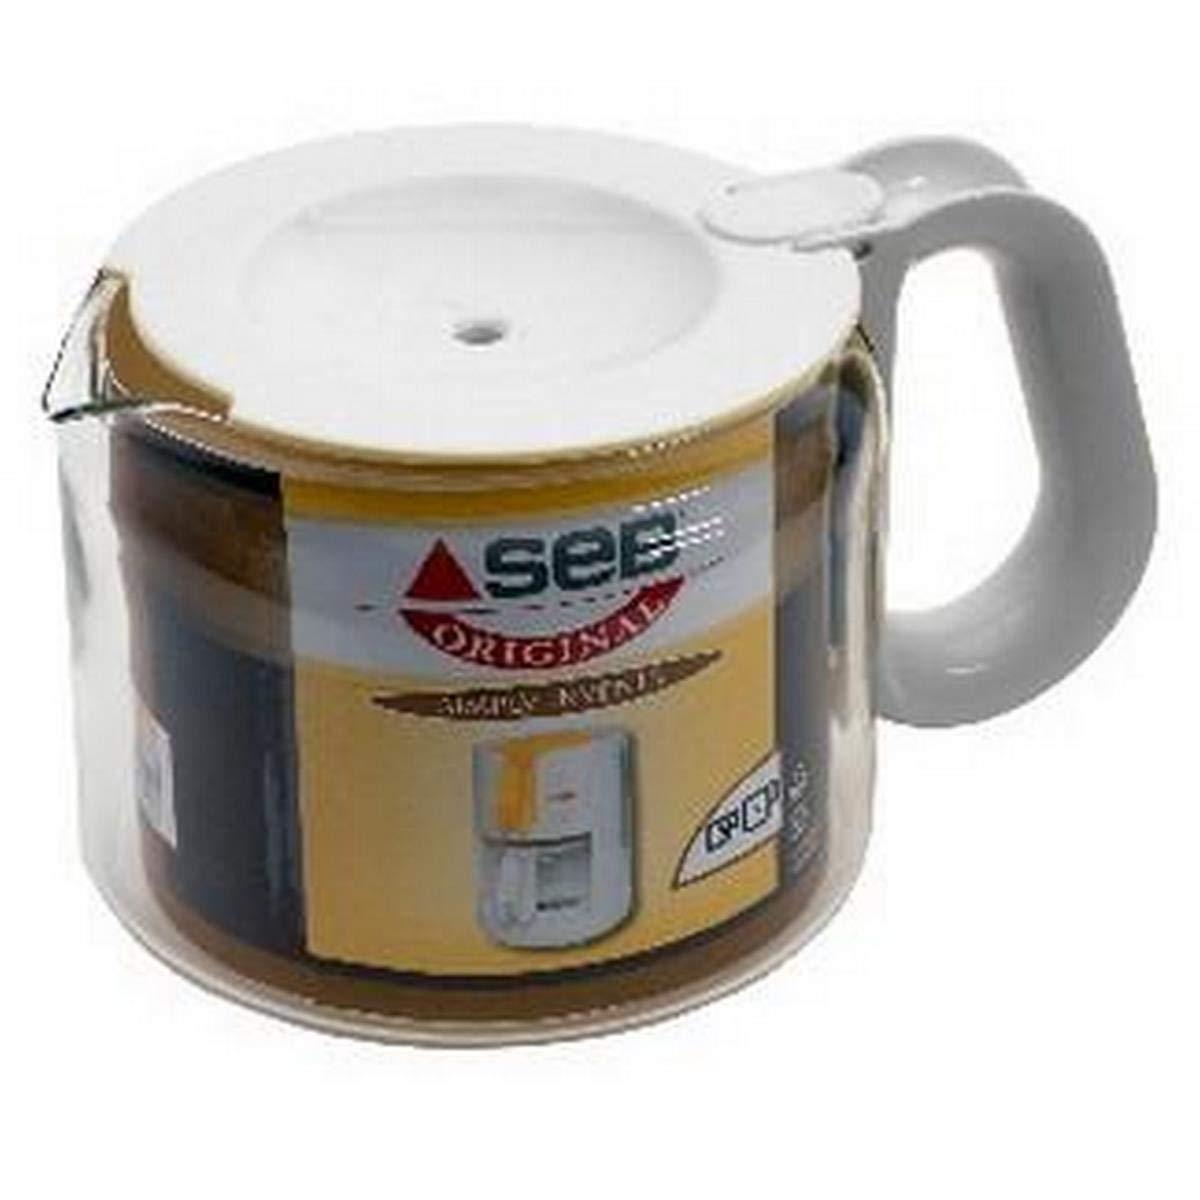 Acquisto Seb CL232101 Brocca 15 tazze con coperchio bianco per caffettiera Simply invents Prezzi offerta